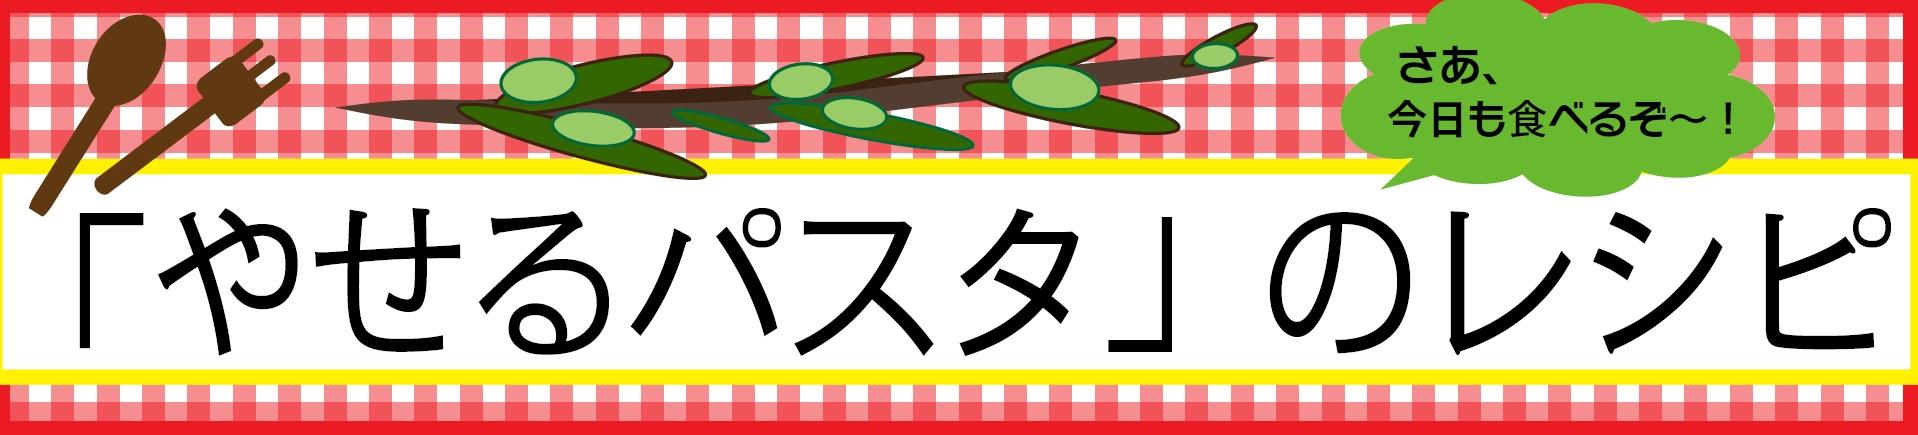 「やせるパスタ」のレシピ